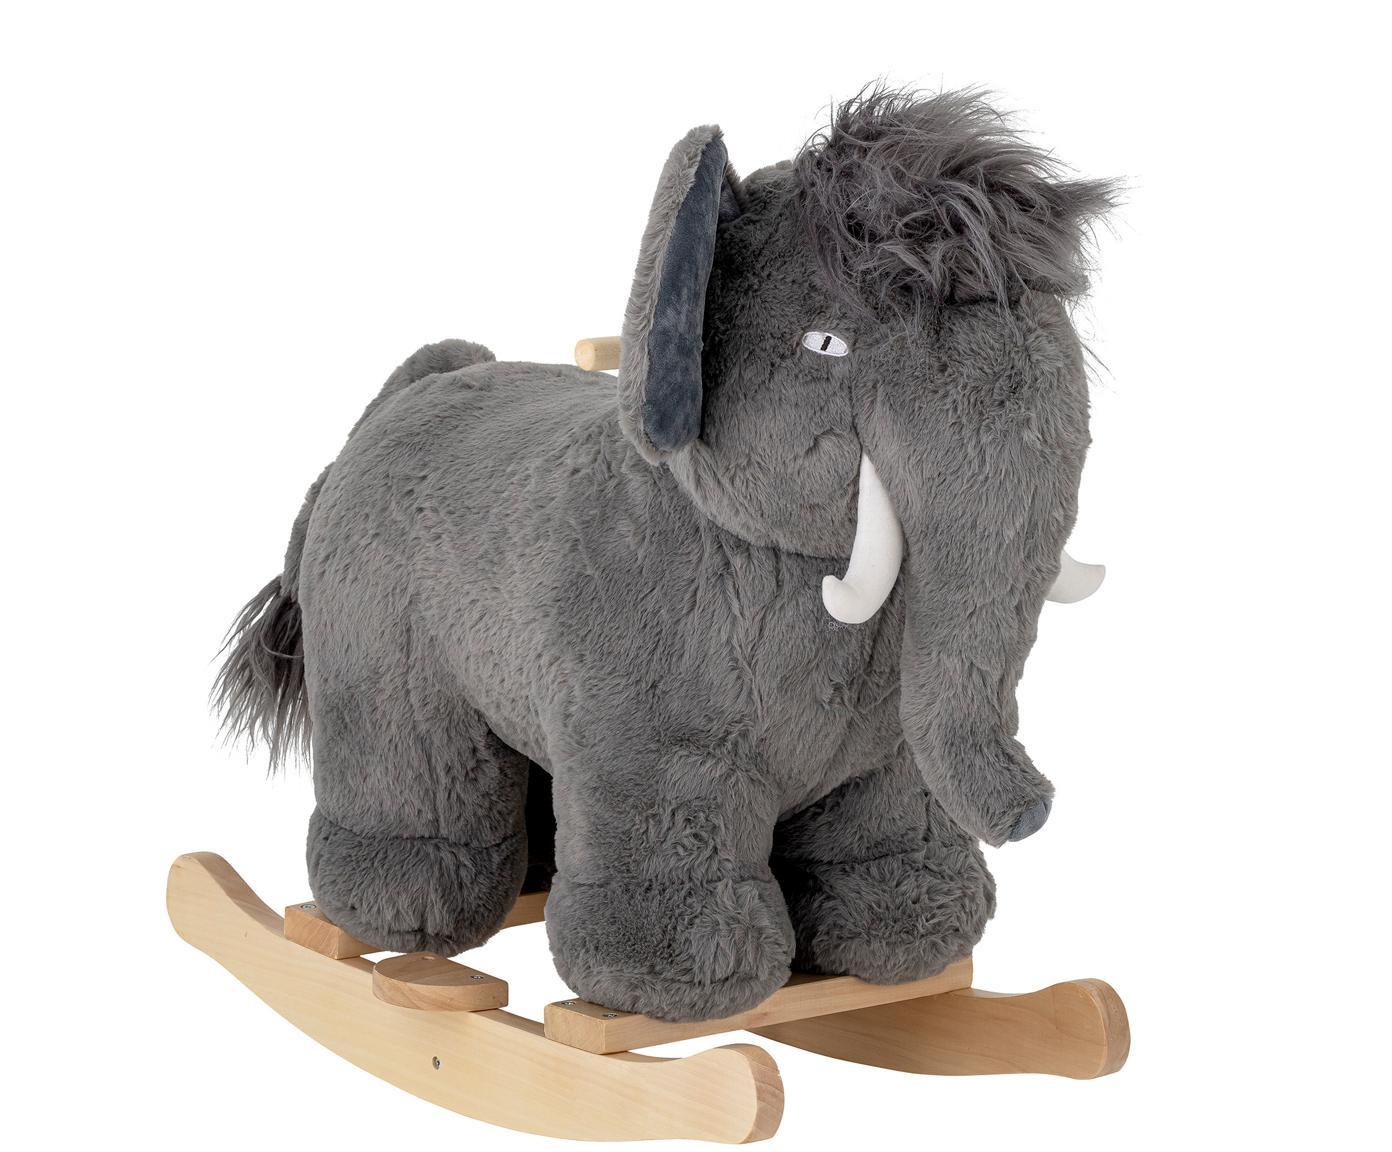 Schaukeltier Mammoth, Pappelholz, Polyester, Grau, 34 x 64 cm